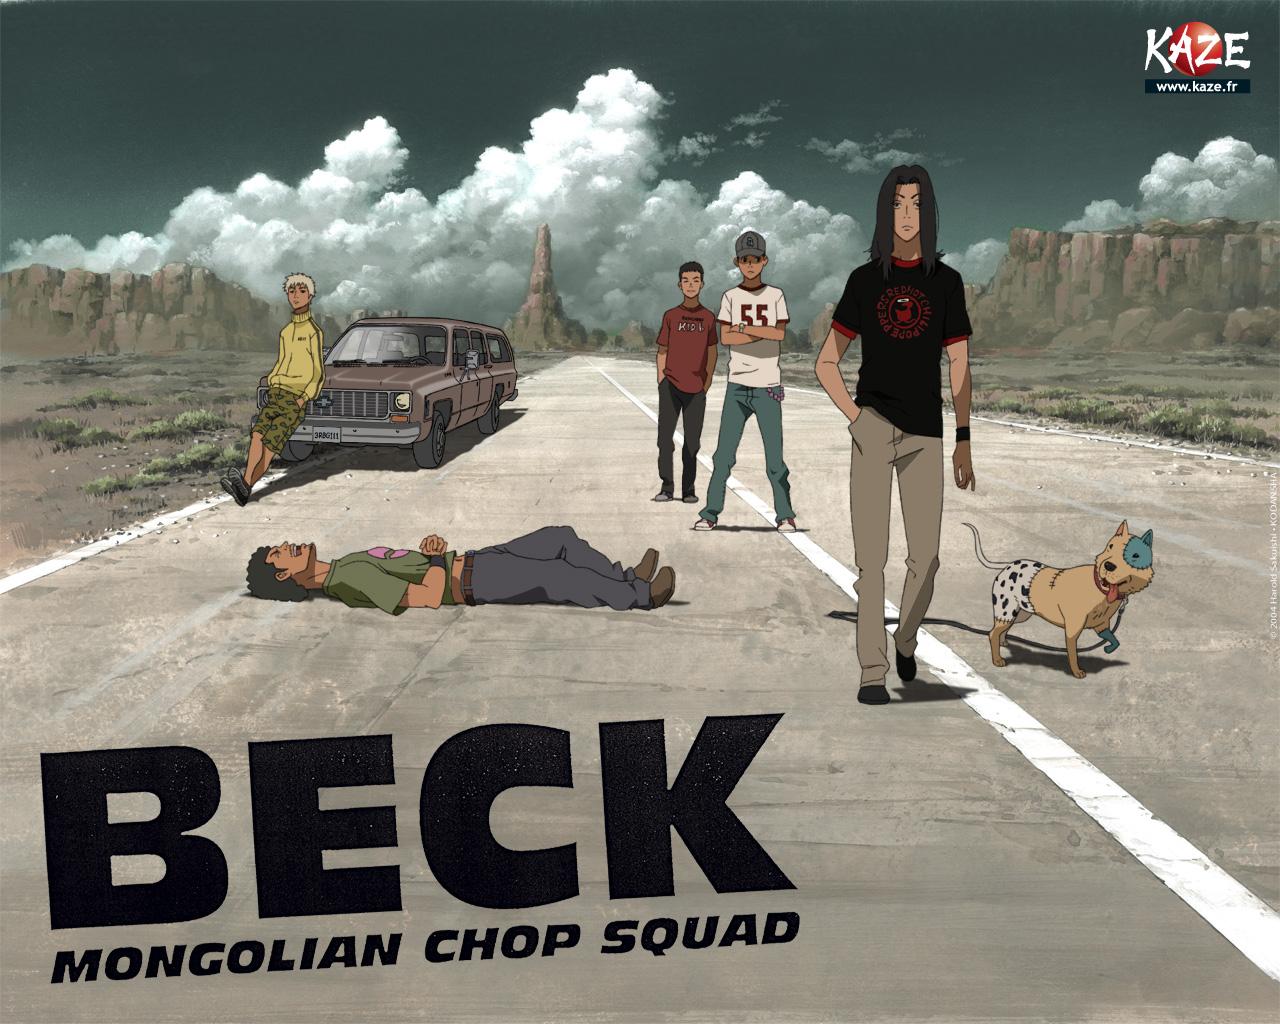 Wallpaper de Beck, réalisé par Kaze